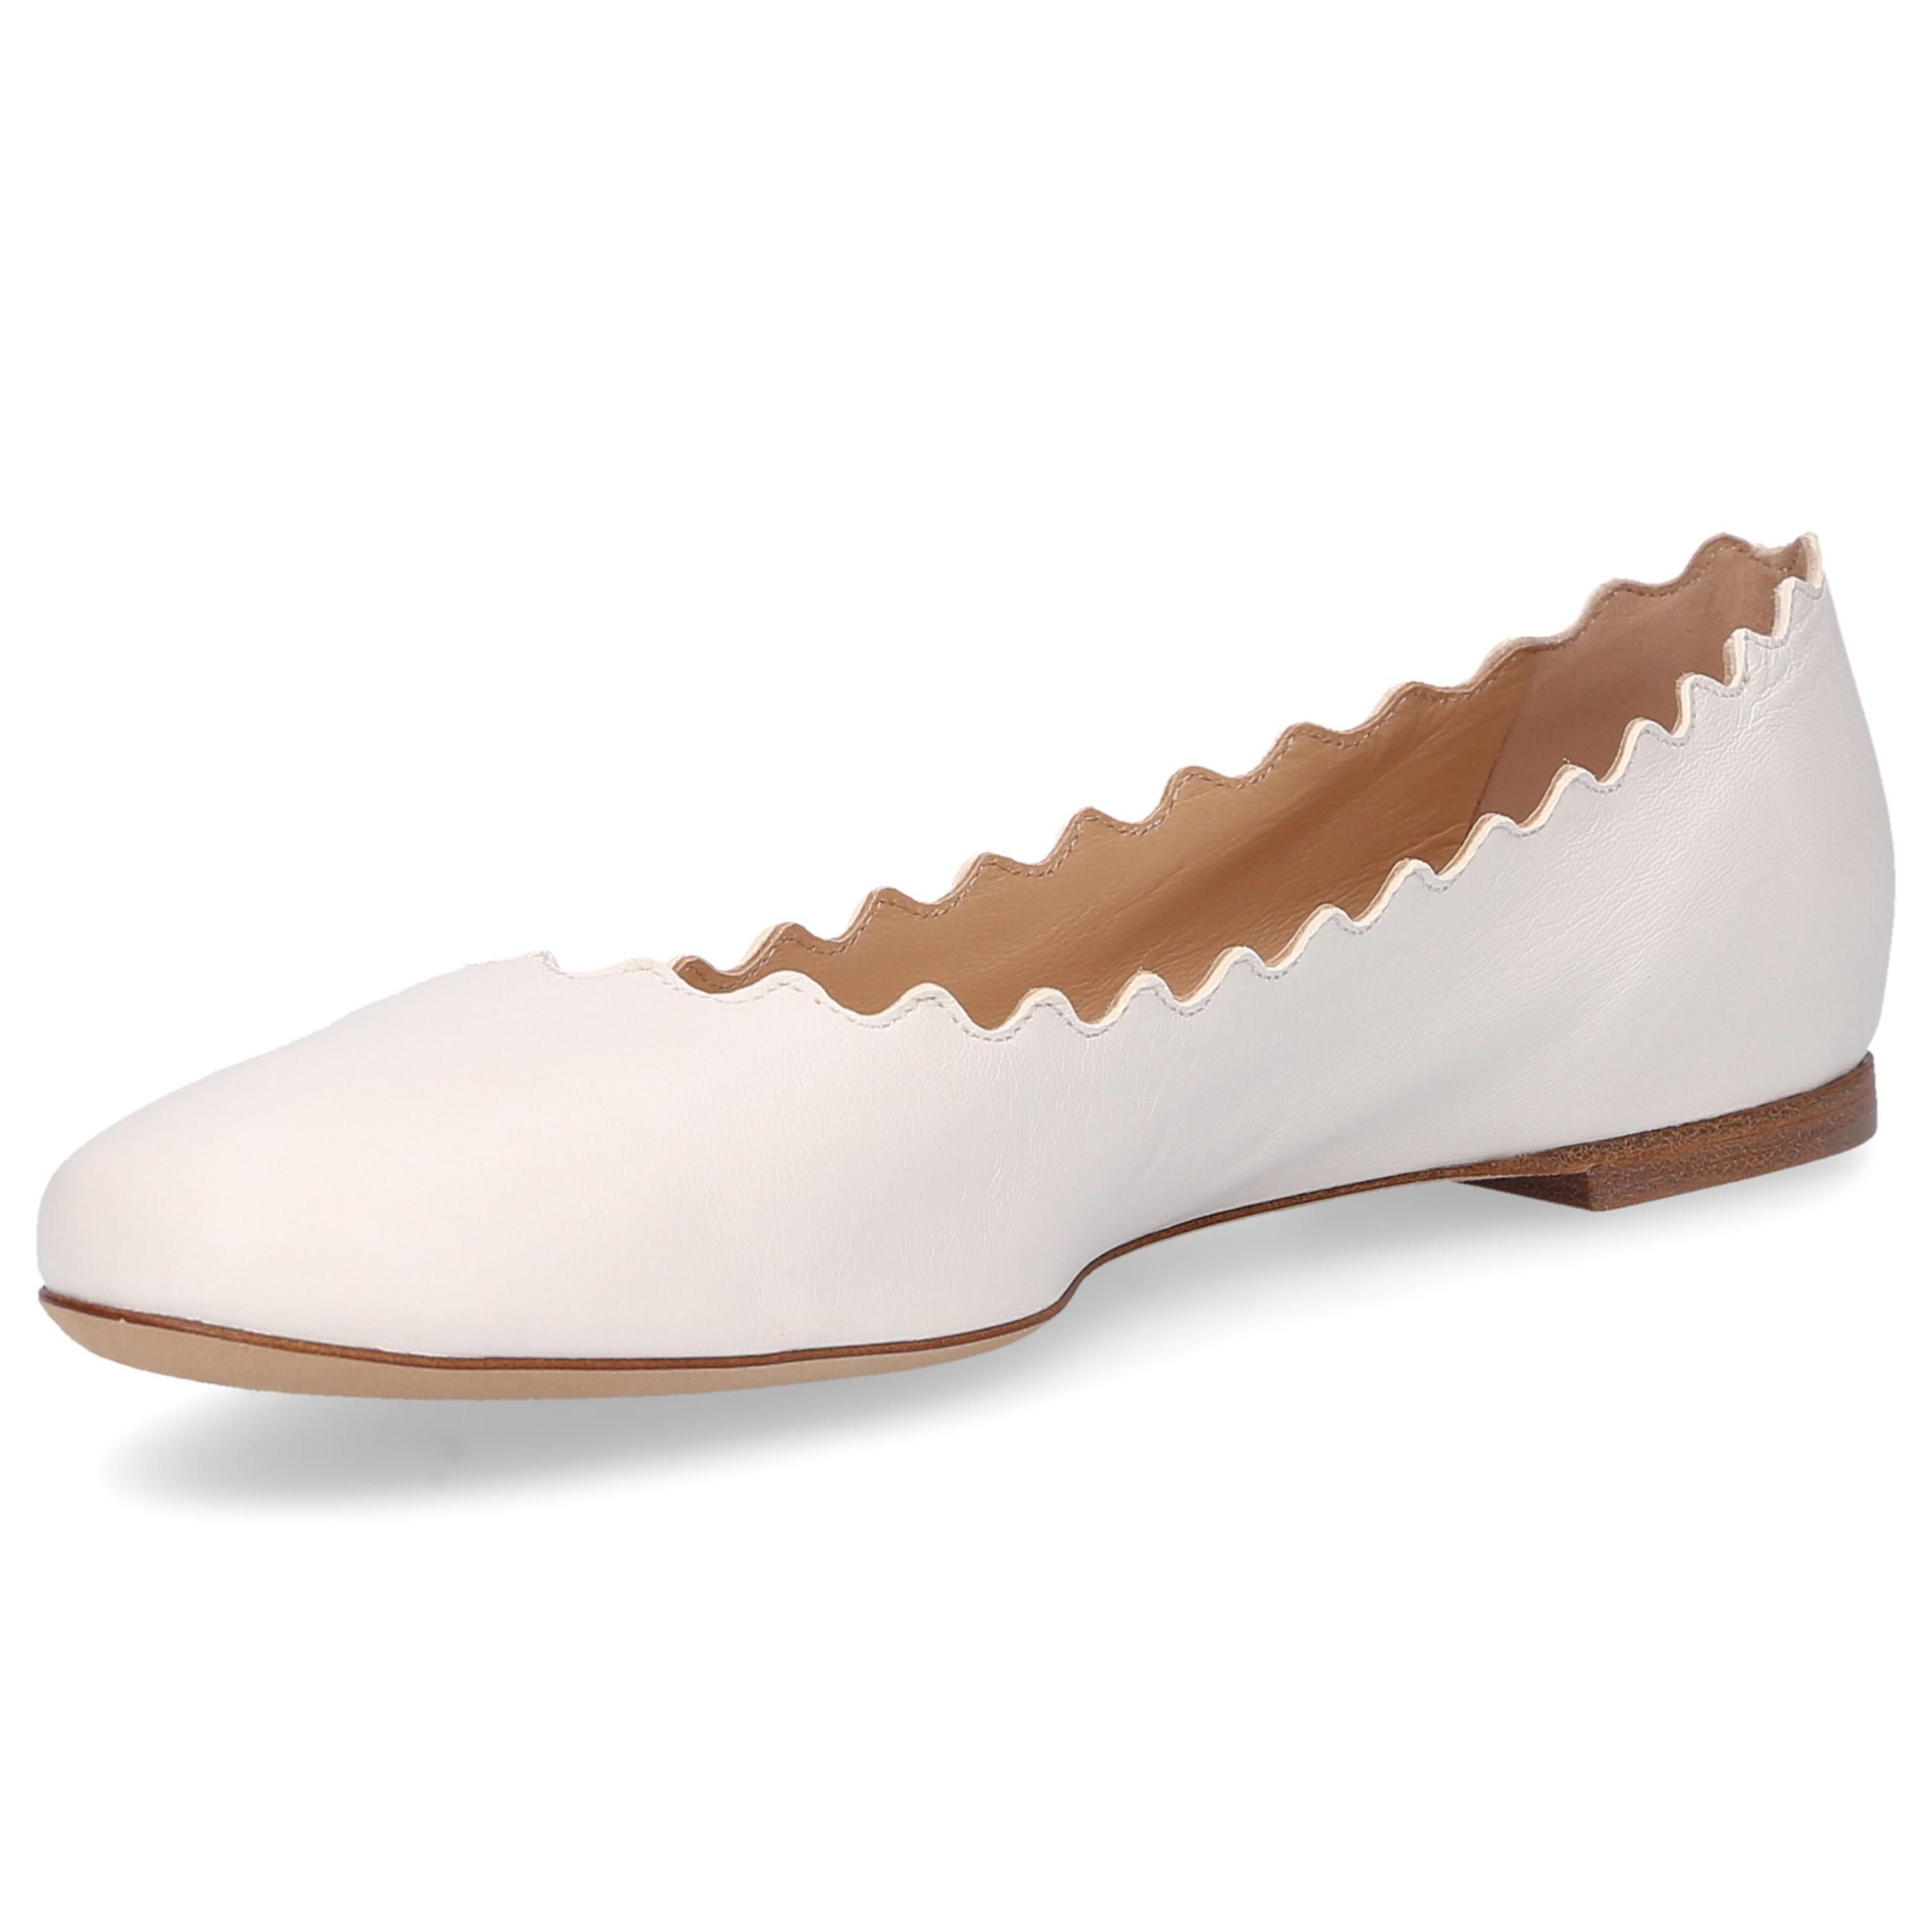 2d459a60172 Chloé - White Classic Ballet Flats Lauren - Lyst. View fullscreen